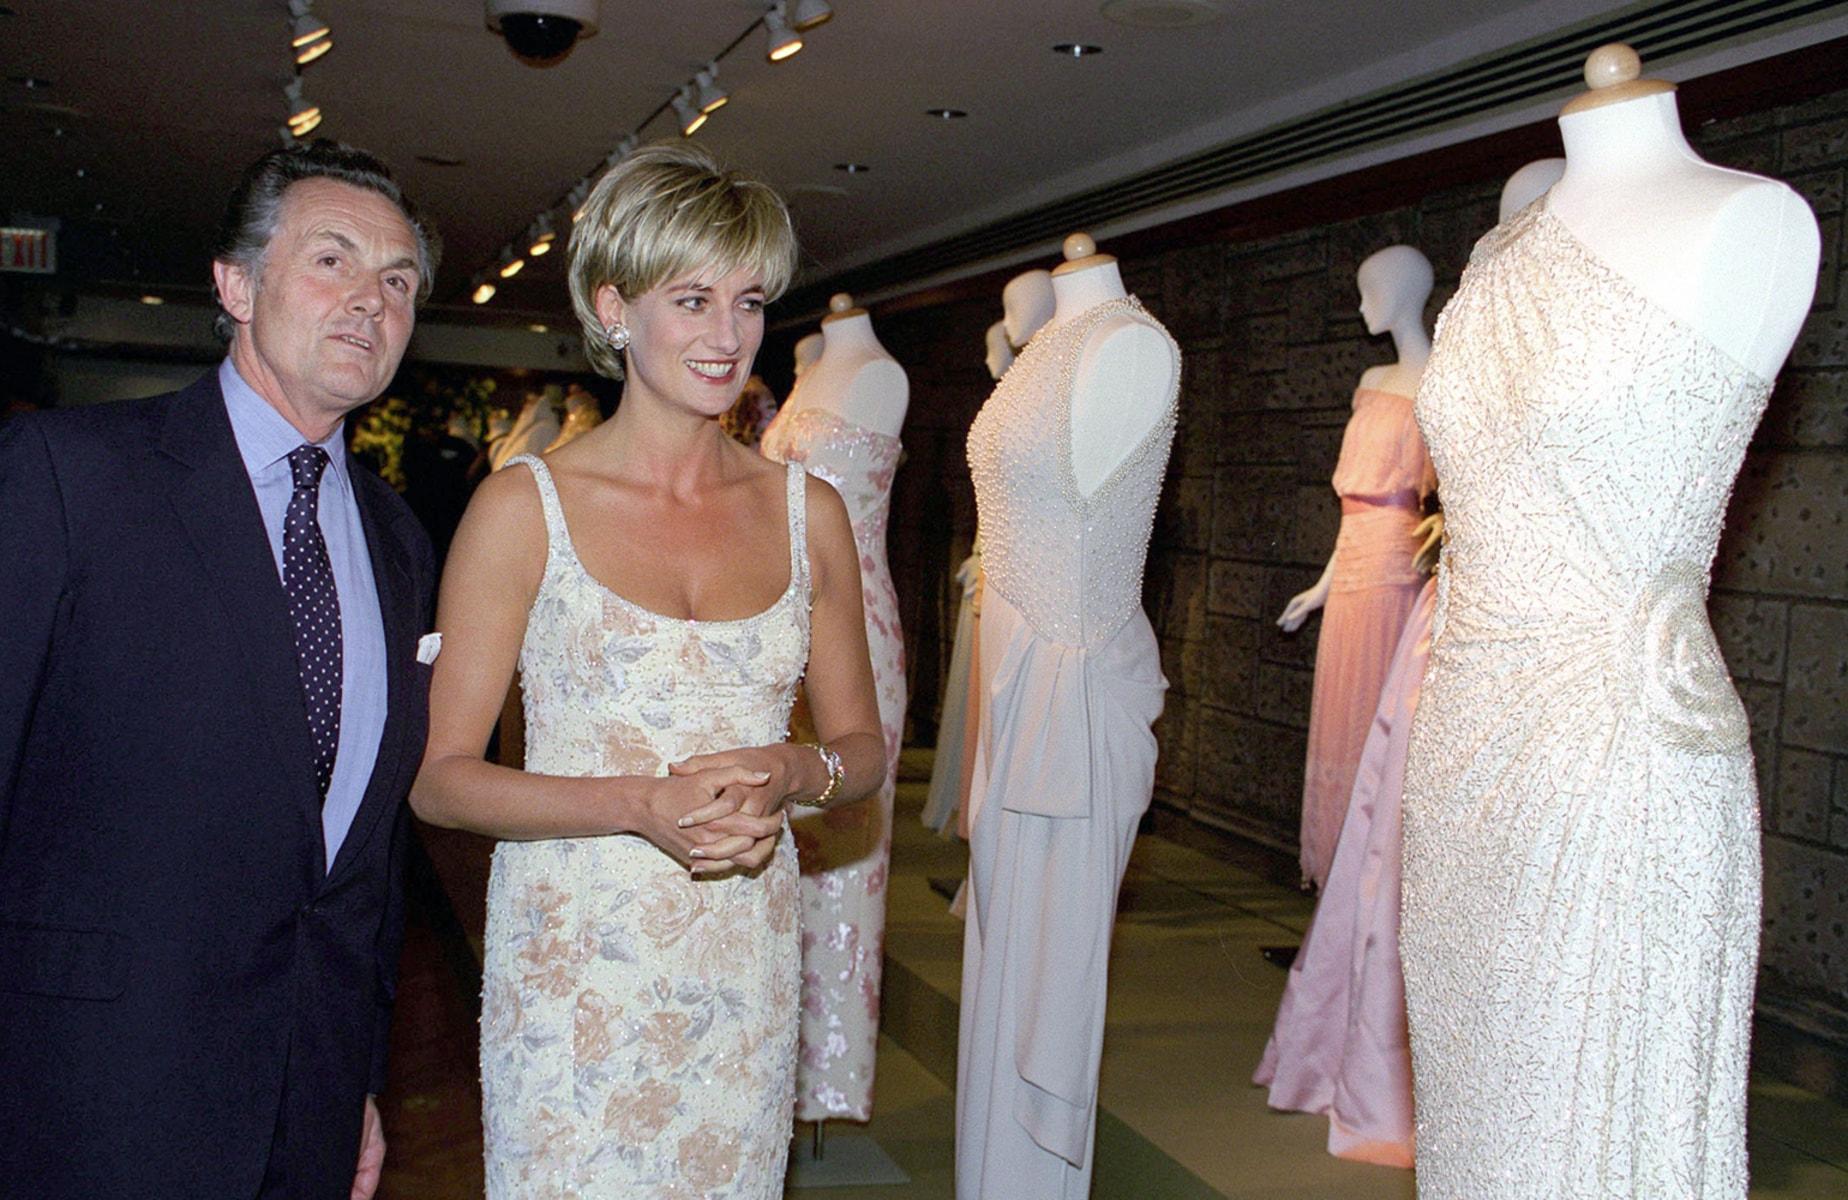 Znalezione obrazy dla zapytania princess diana dress auction